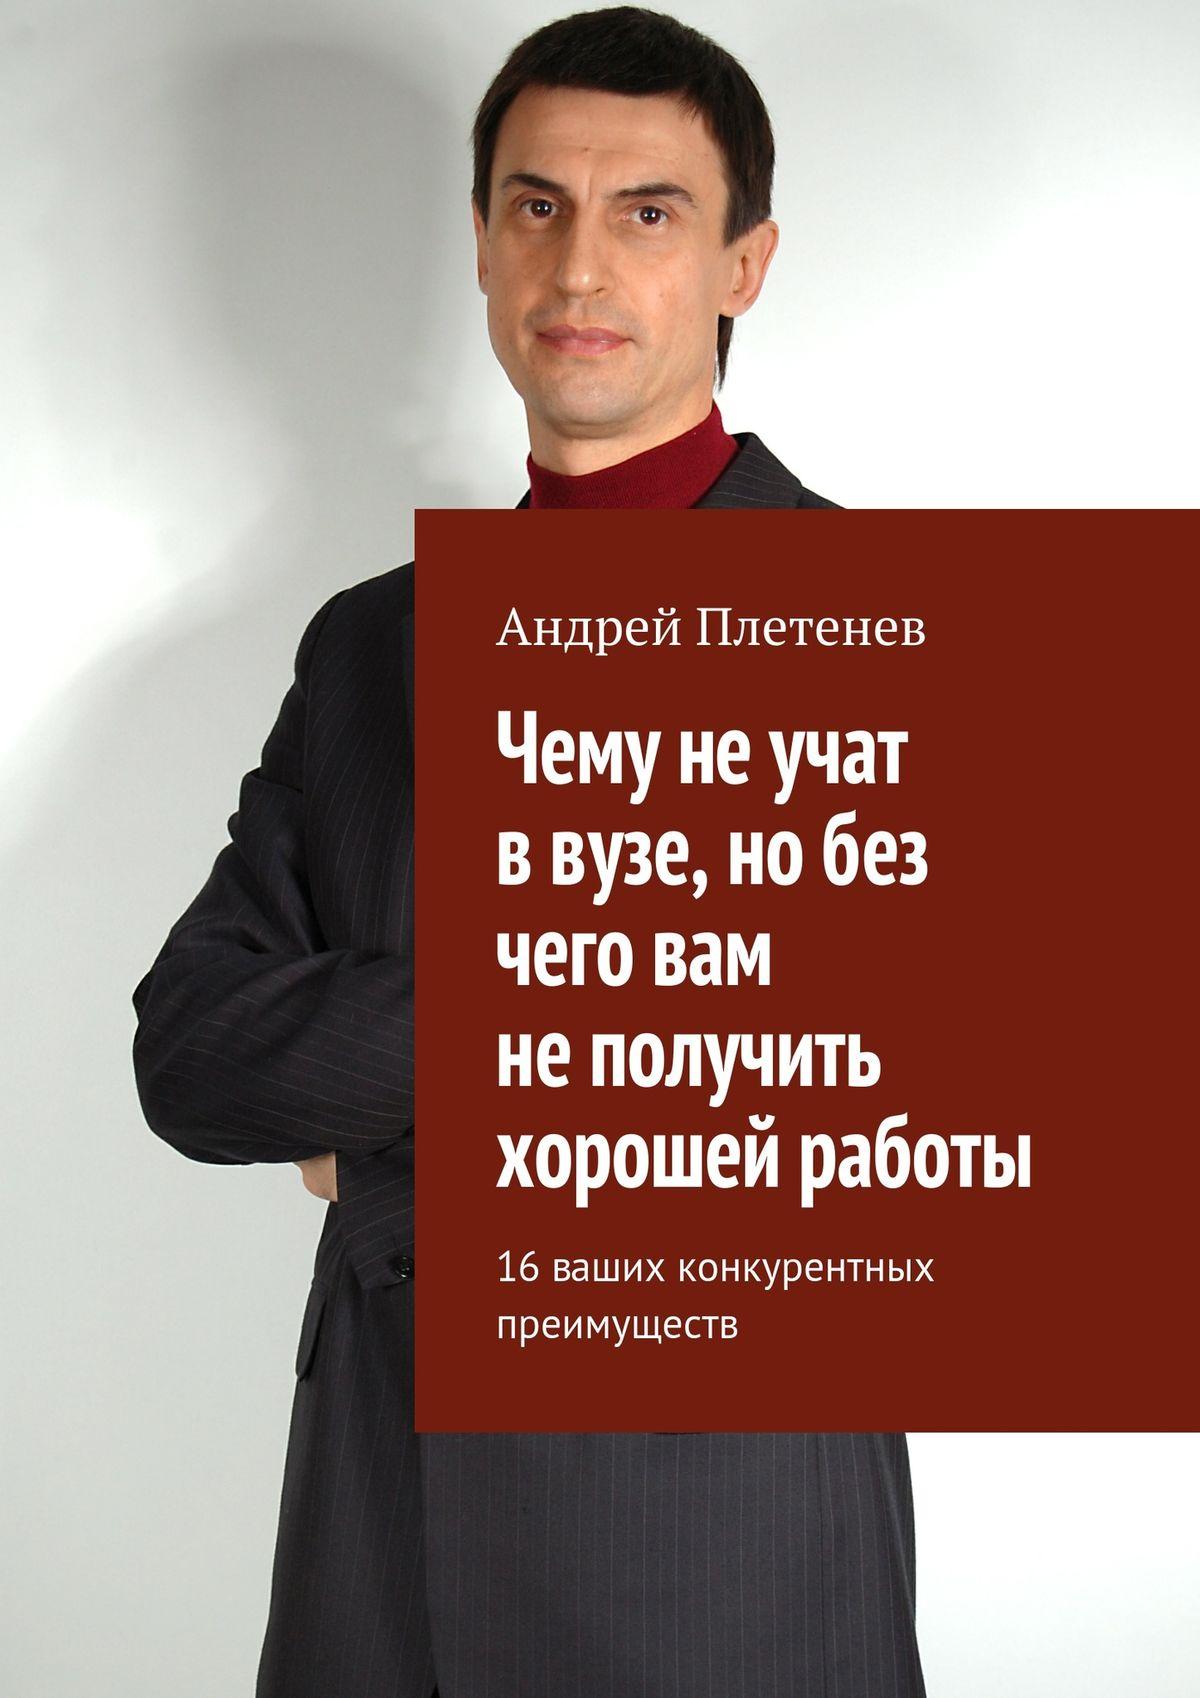 Андрей Плетенев Чему не учат в вузе, но без чего вам не получить хорошей работы. 16 ваших конкурентных преимуществ сергей степанов сколько вы стоите технология успешной карьеры